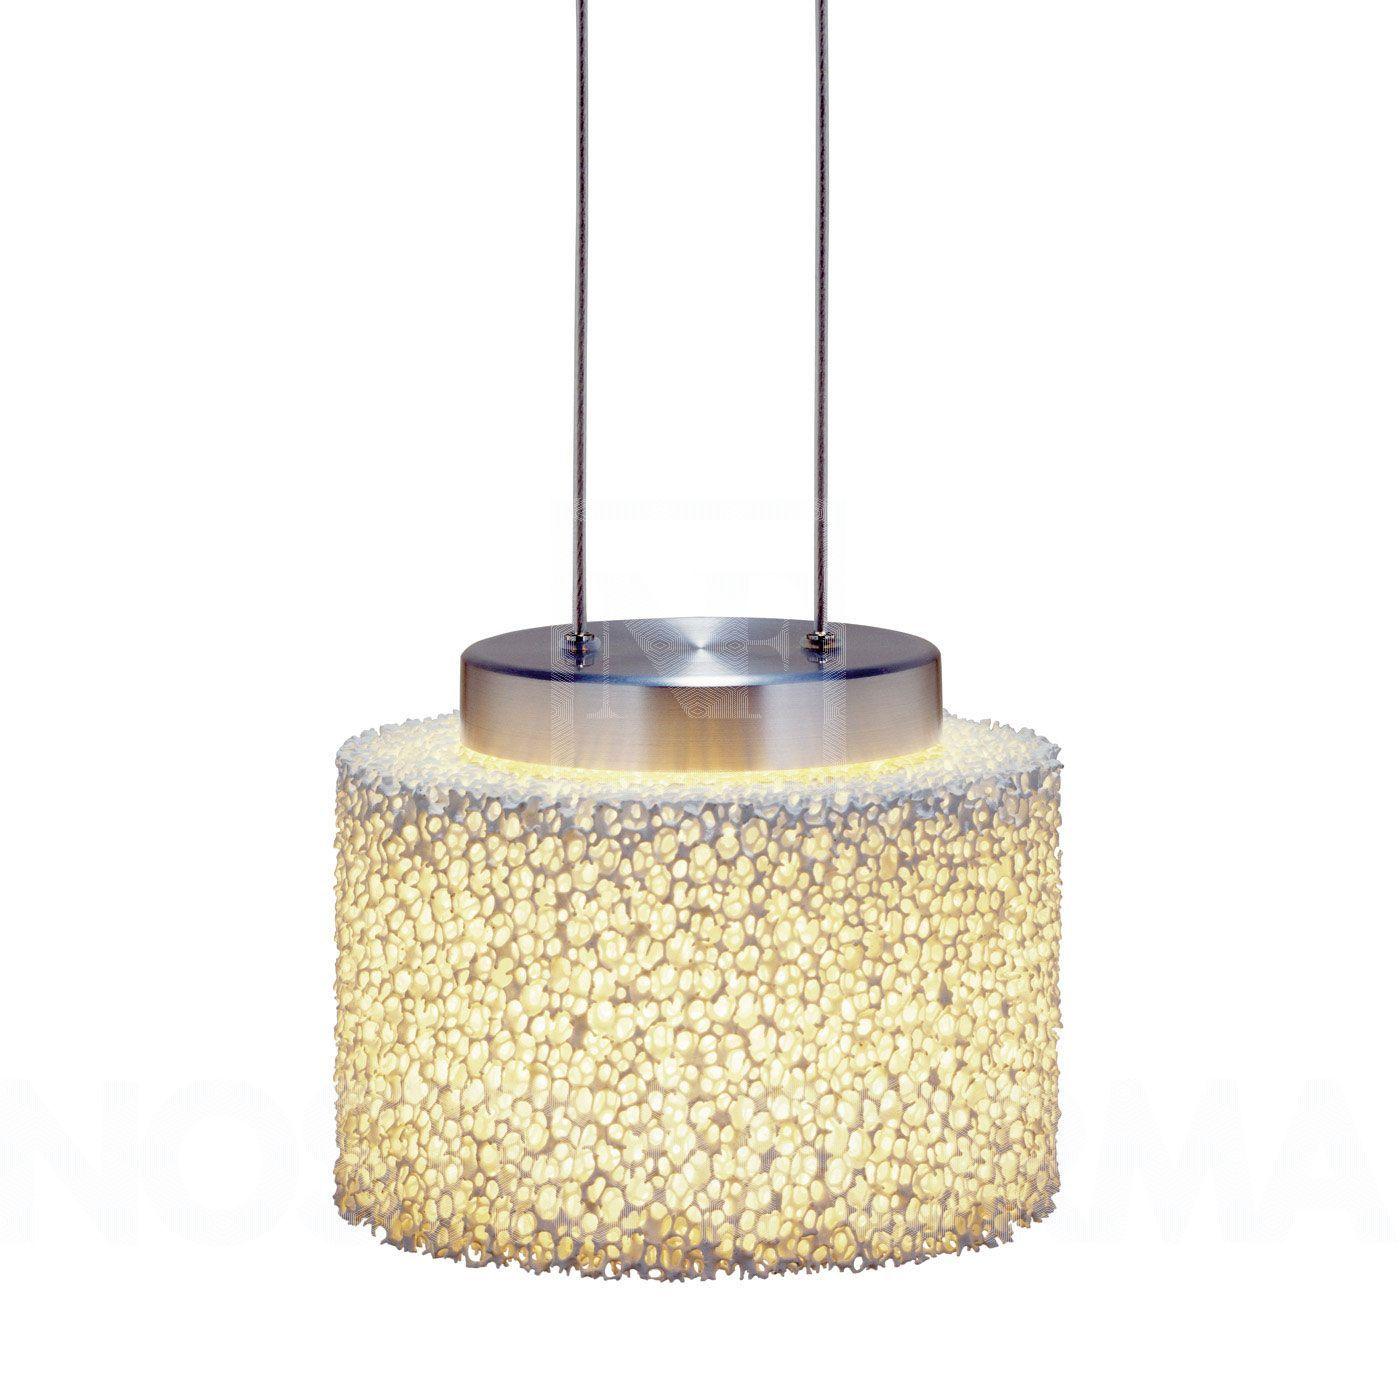 Al Foam Lighting Buscar Con Google Korallen Lampe Lampe Weiss Hangeleuchte